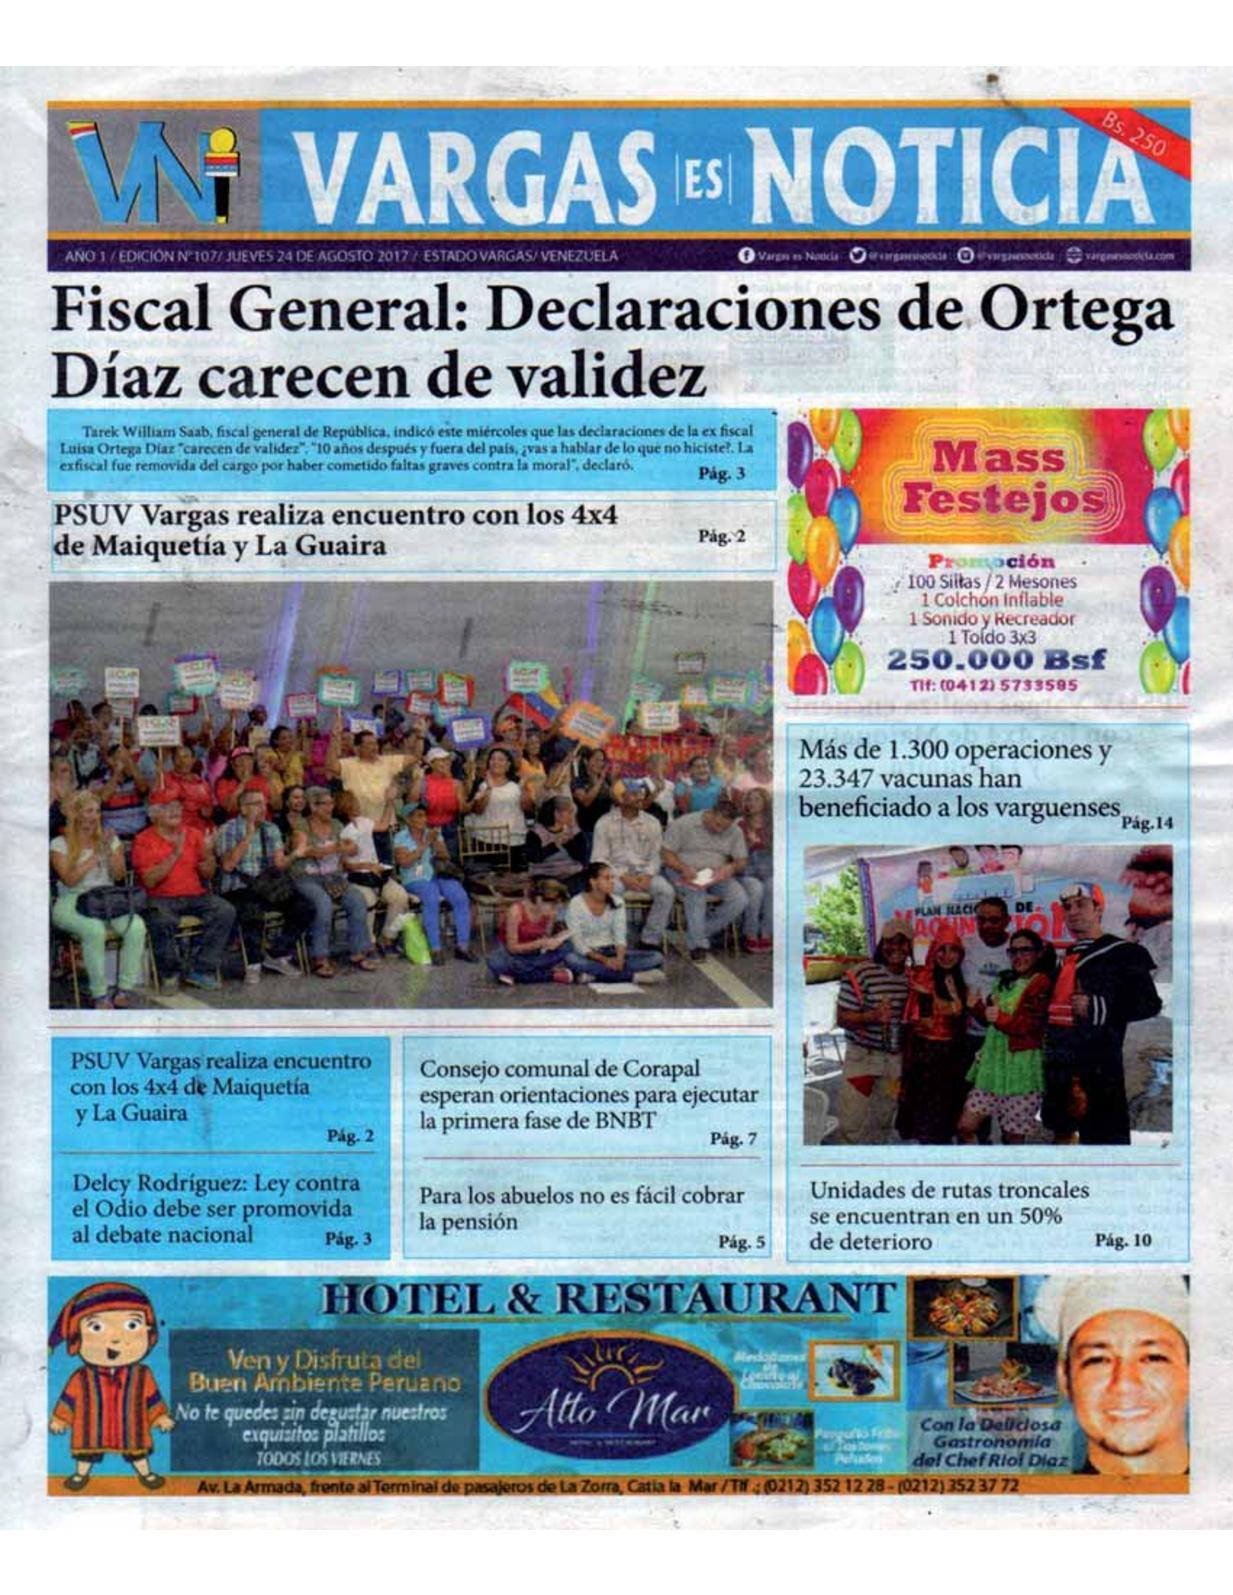 Vargas es Noticia, jueves 24 de agosto de 2017 N° 107